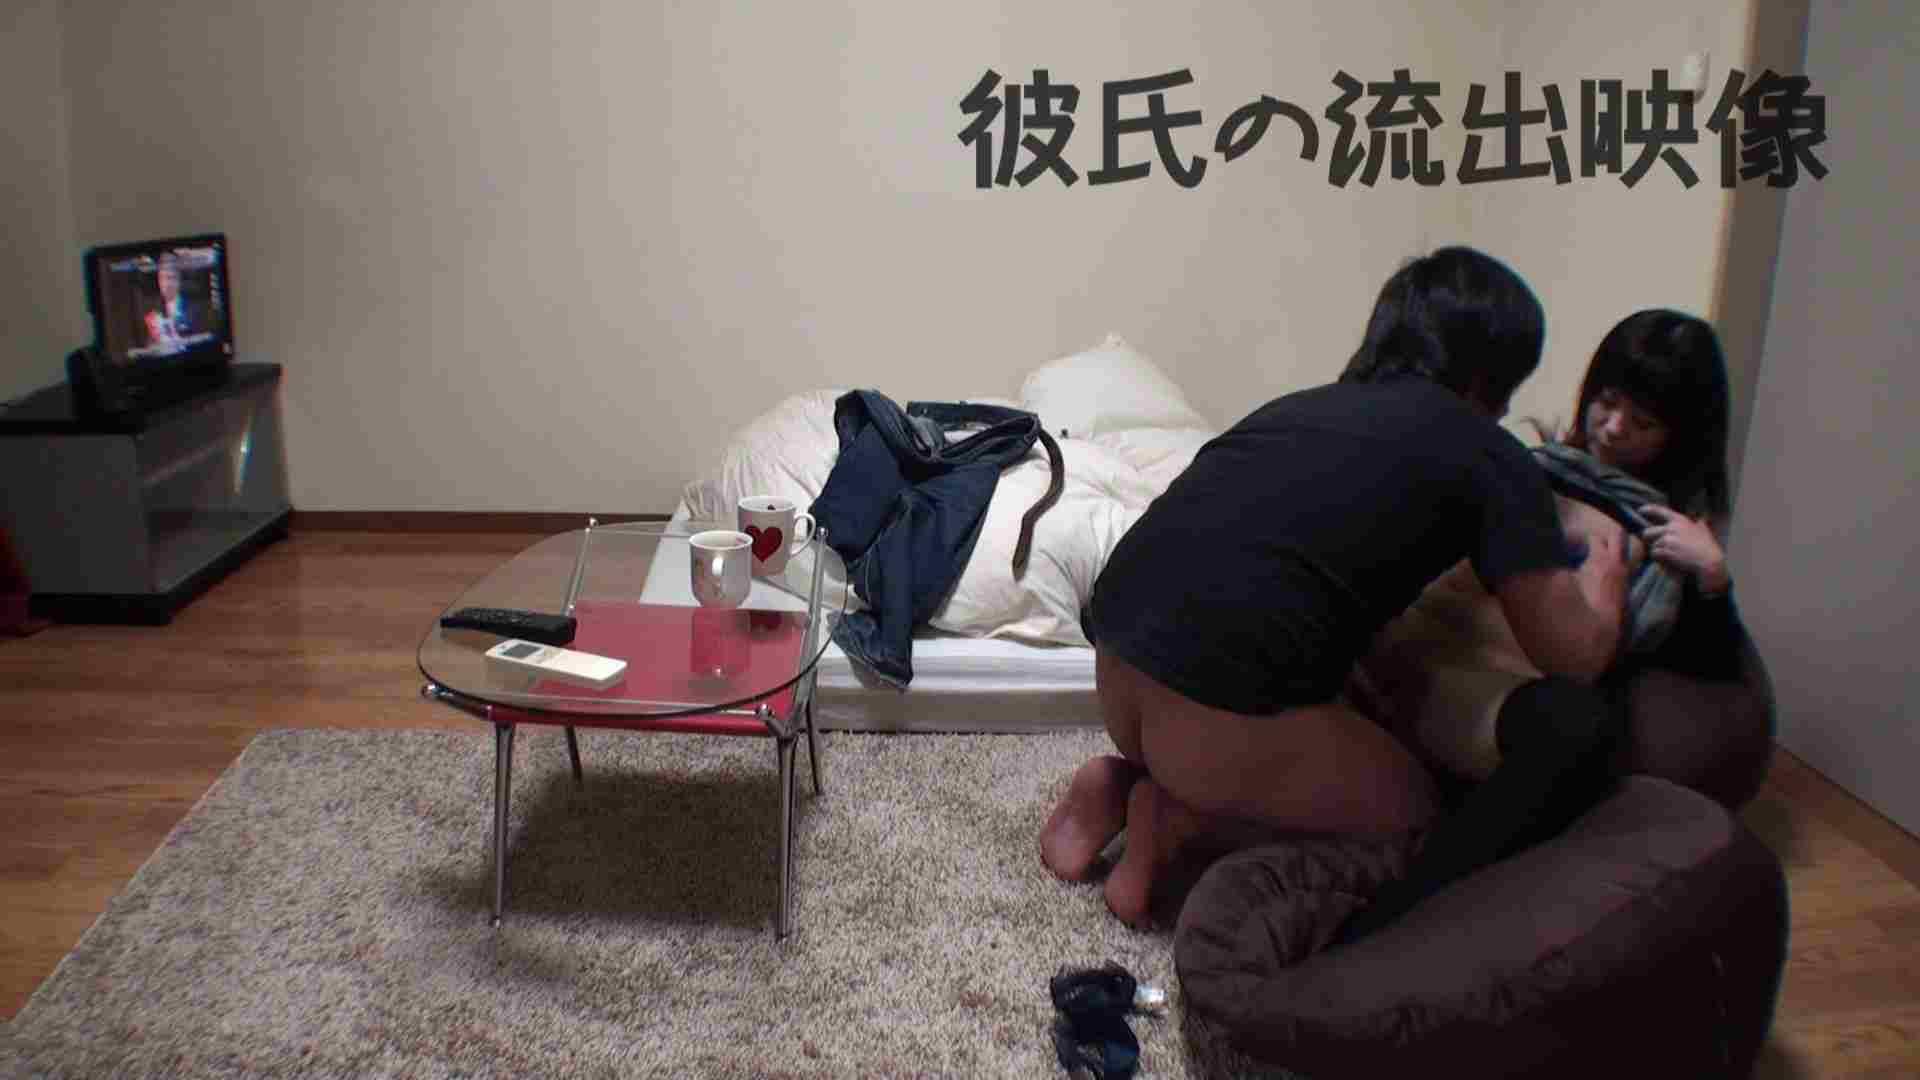 彼氏が流出 パイパン素人嬢のハメ撮り映像02 カップル セックス画像 46pic 17